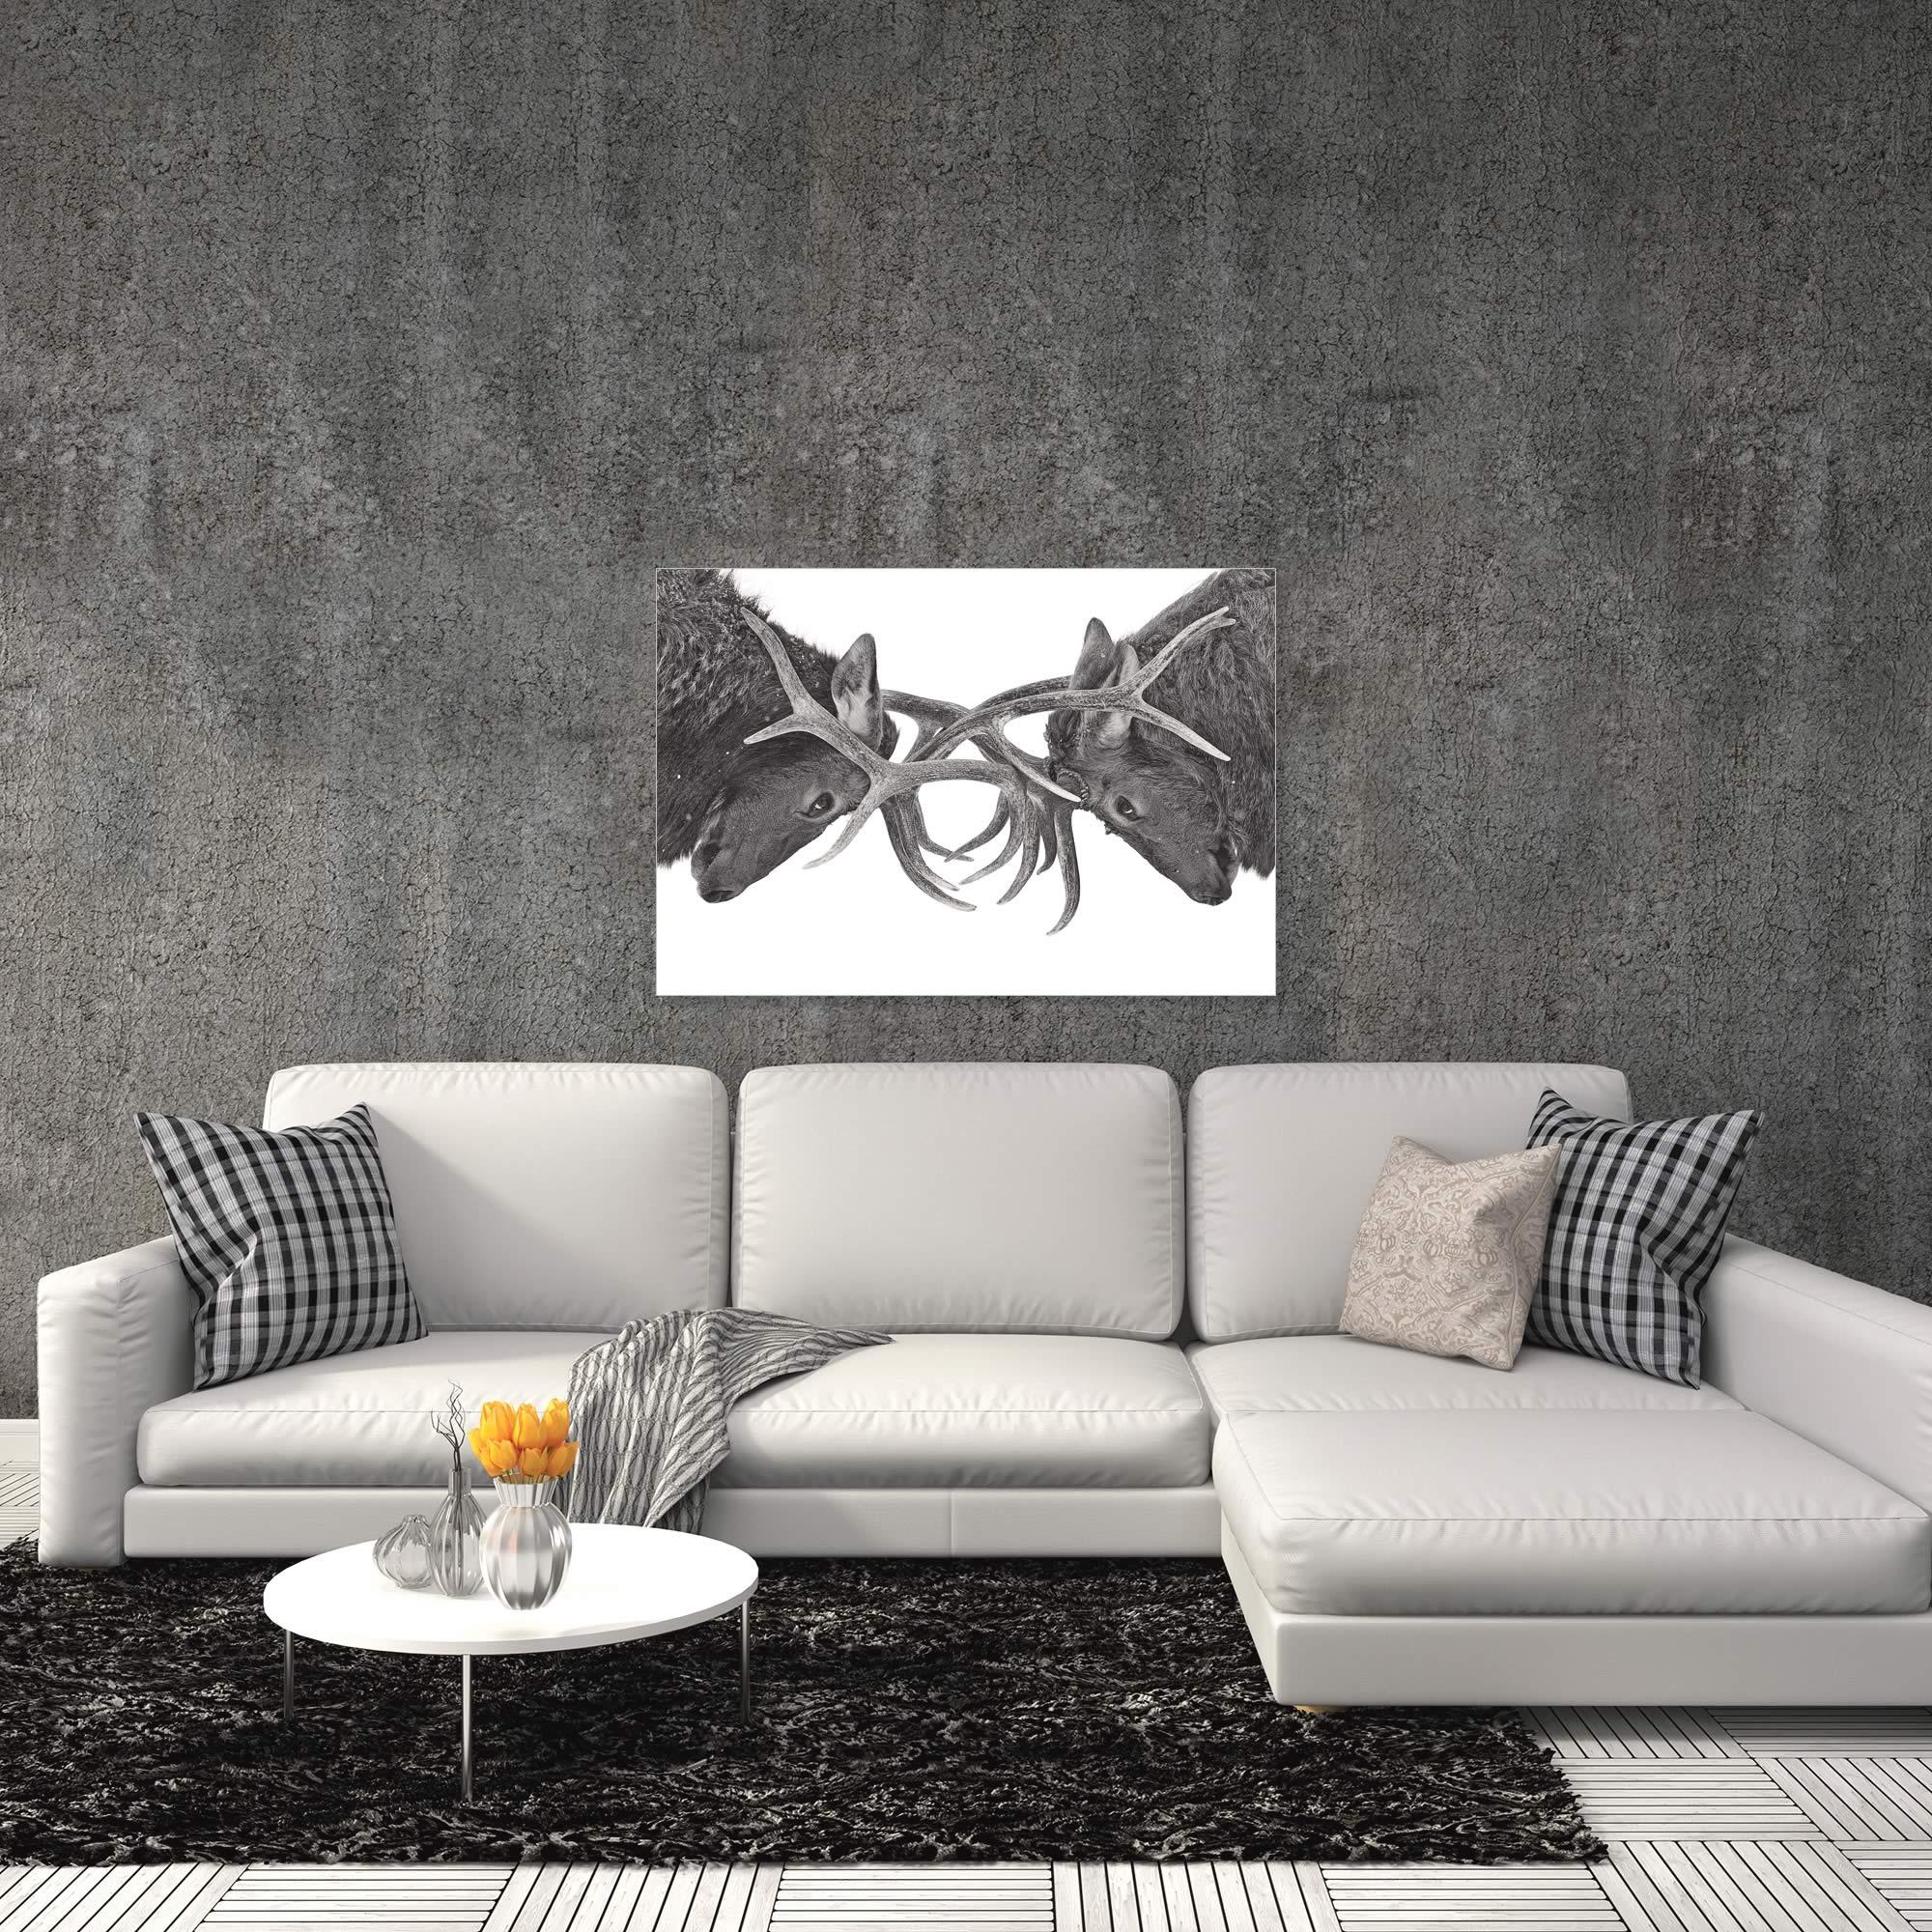 Antler to Antler by Jim Cumming - Deer Antlers Art on Metal or Acrylic - Alternate View 1